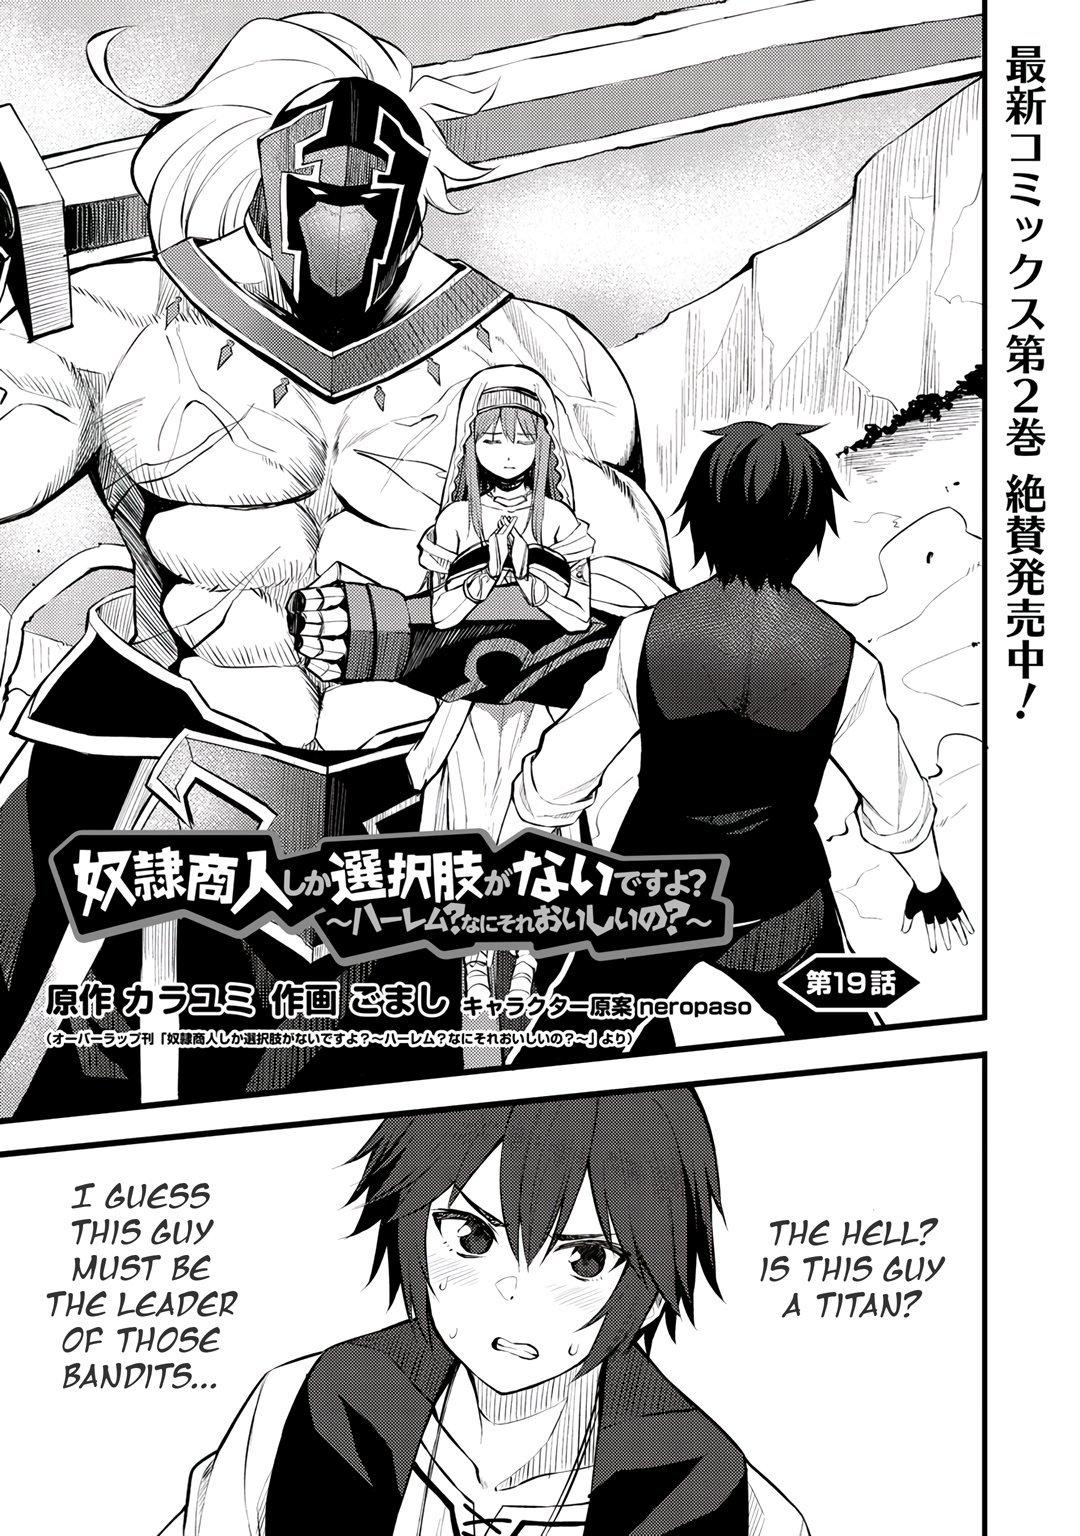 Manga Dorei Shounin Shika Sentakushi Ga Nai desu Yo? ~Harem? Nani sore oishii no?~ - Chapter 19 Page 1